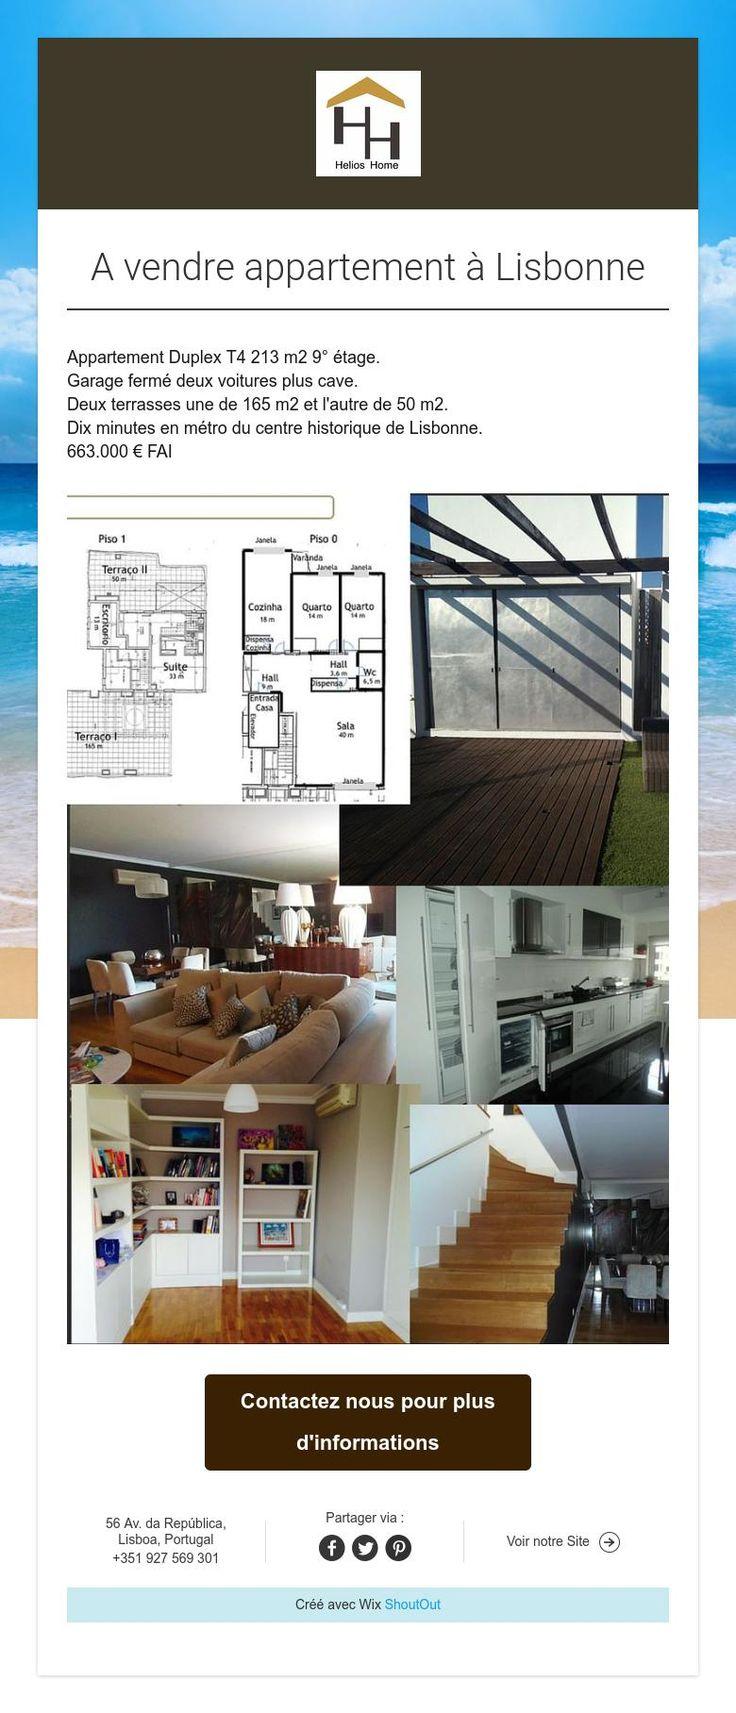 Immobilier à Vendre  Magnifique appartement duplex à vendre à Lisbonne T4 213 m2 avec garage pour deux voitures et cave. A 10 minutes de métro du centre historique de Lisbonne.